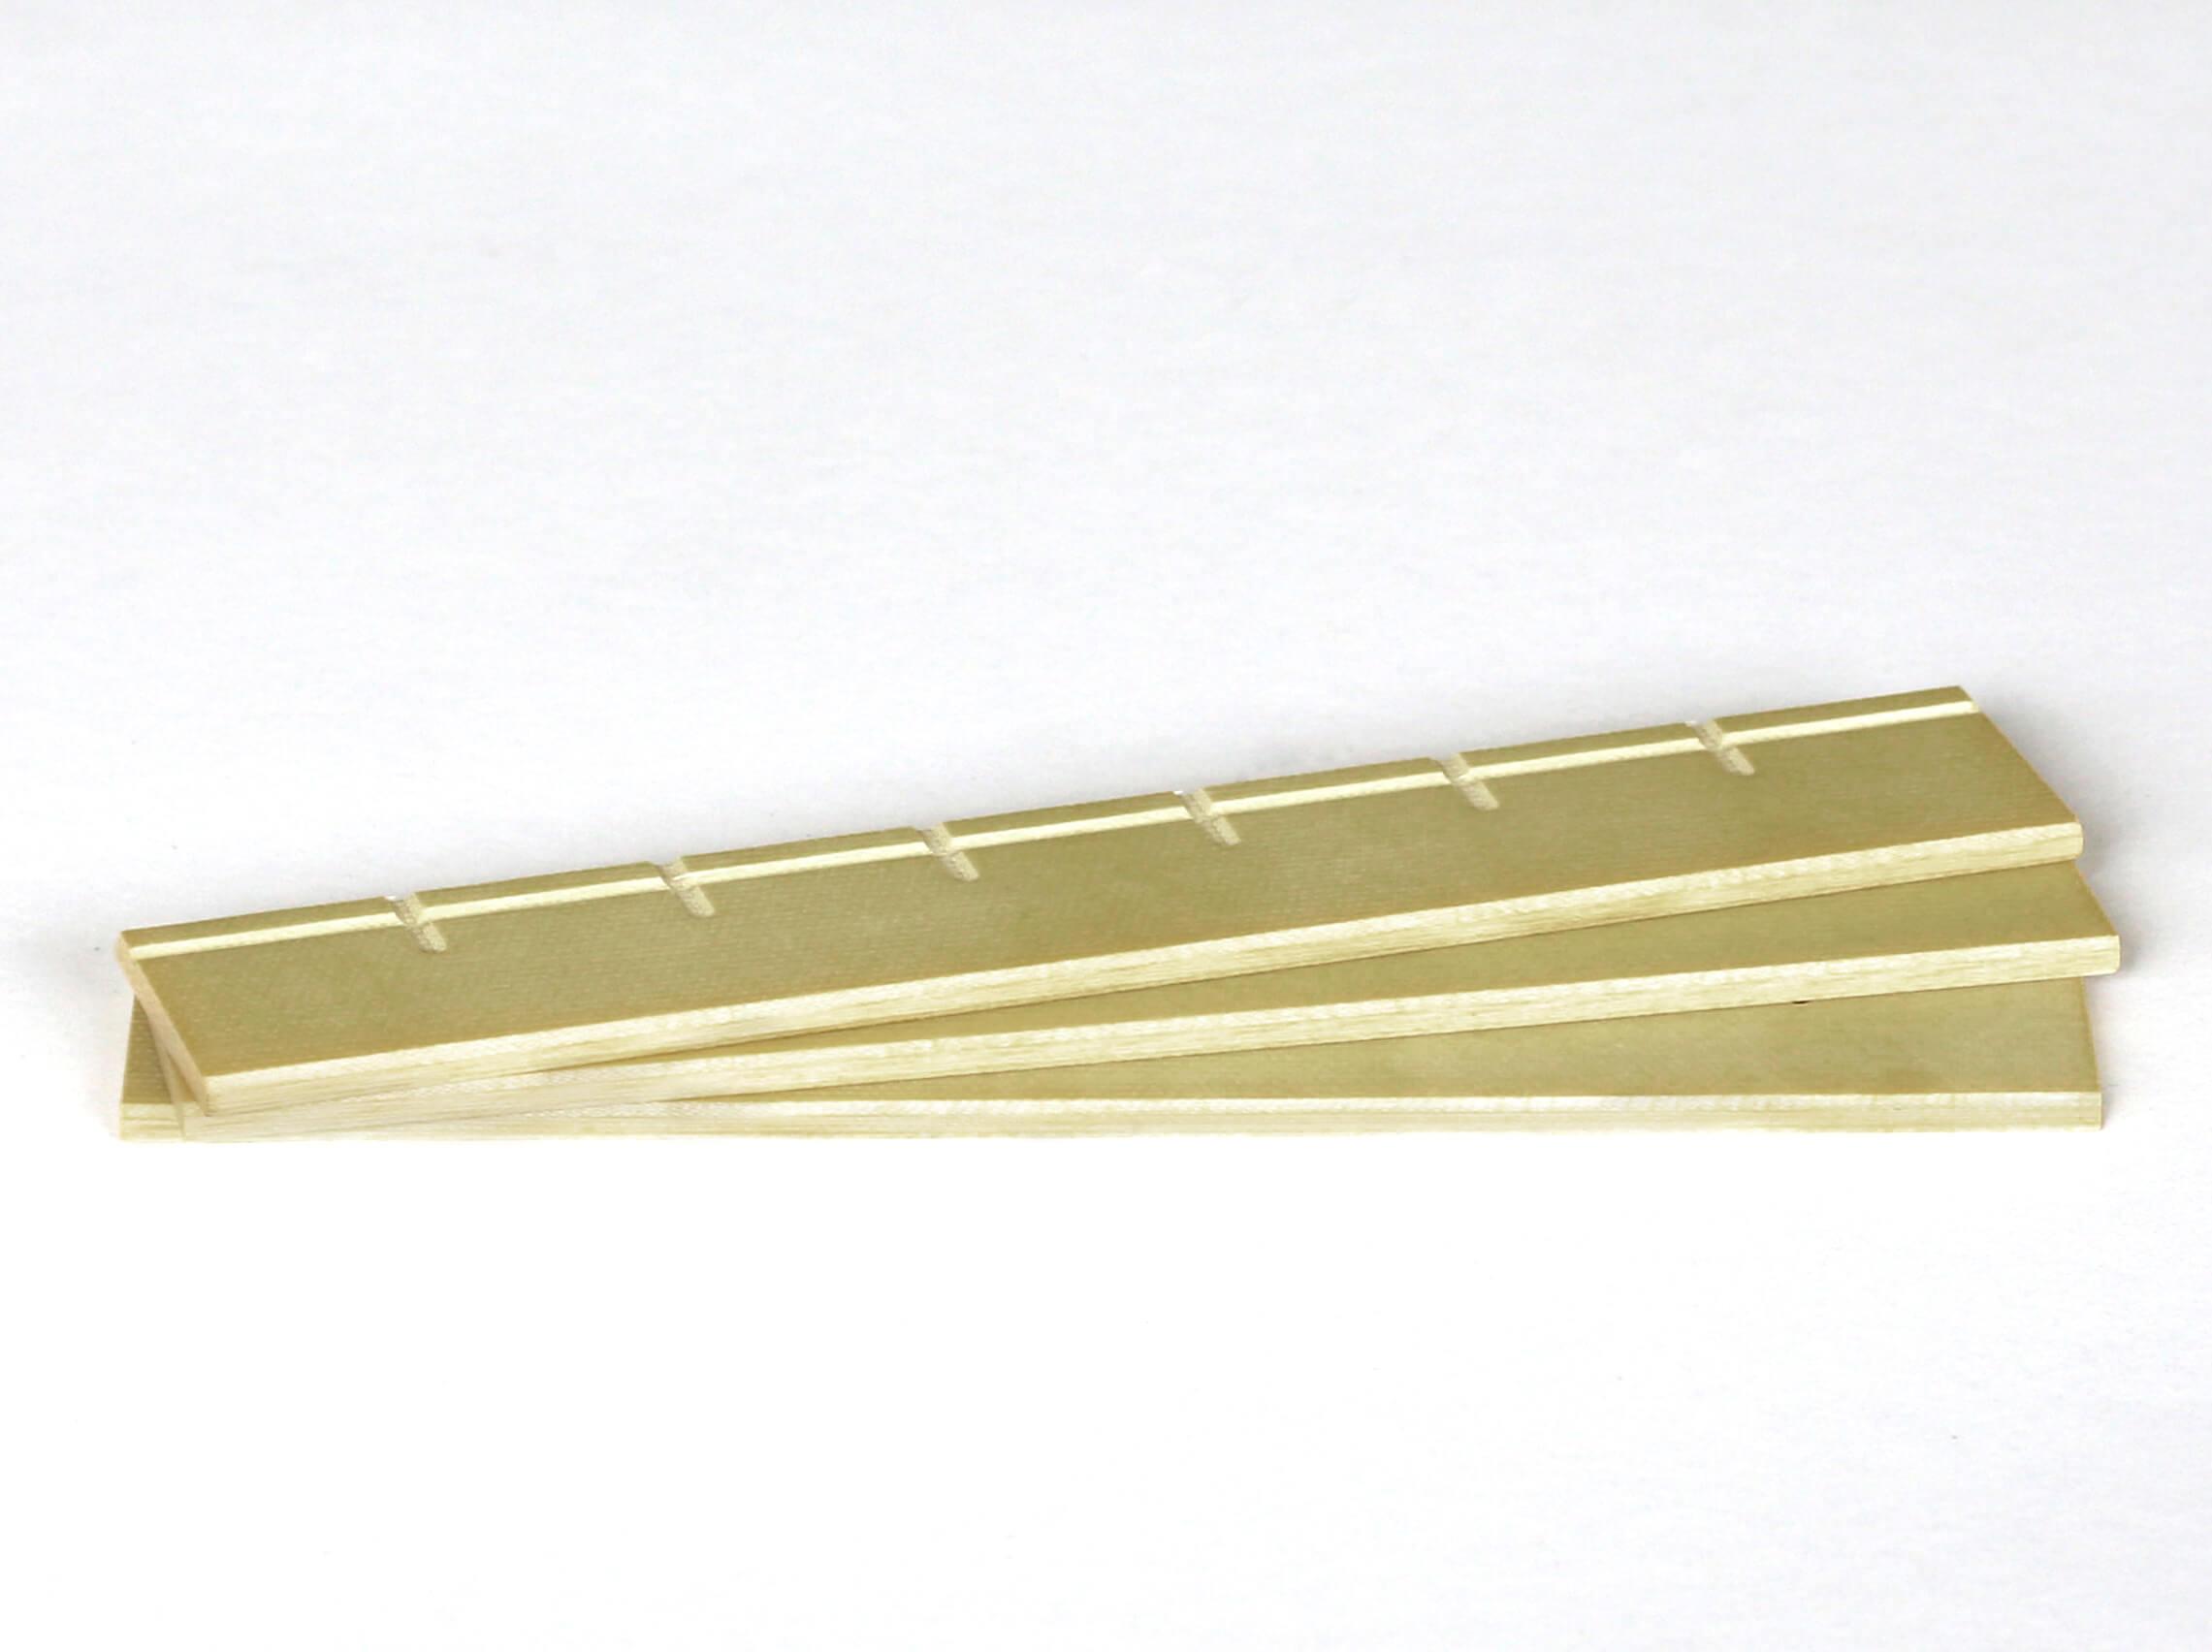 Oerlikon Leybold vákuumszivattyú lapát